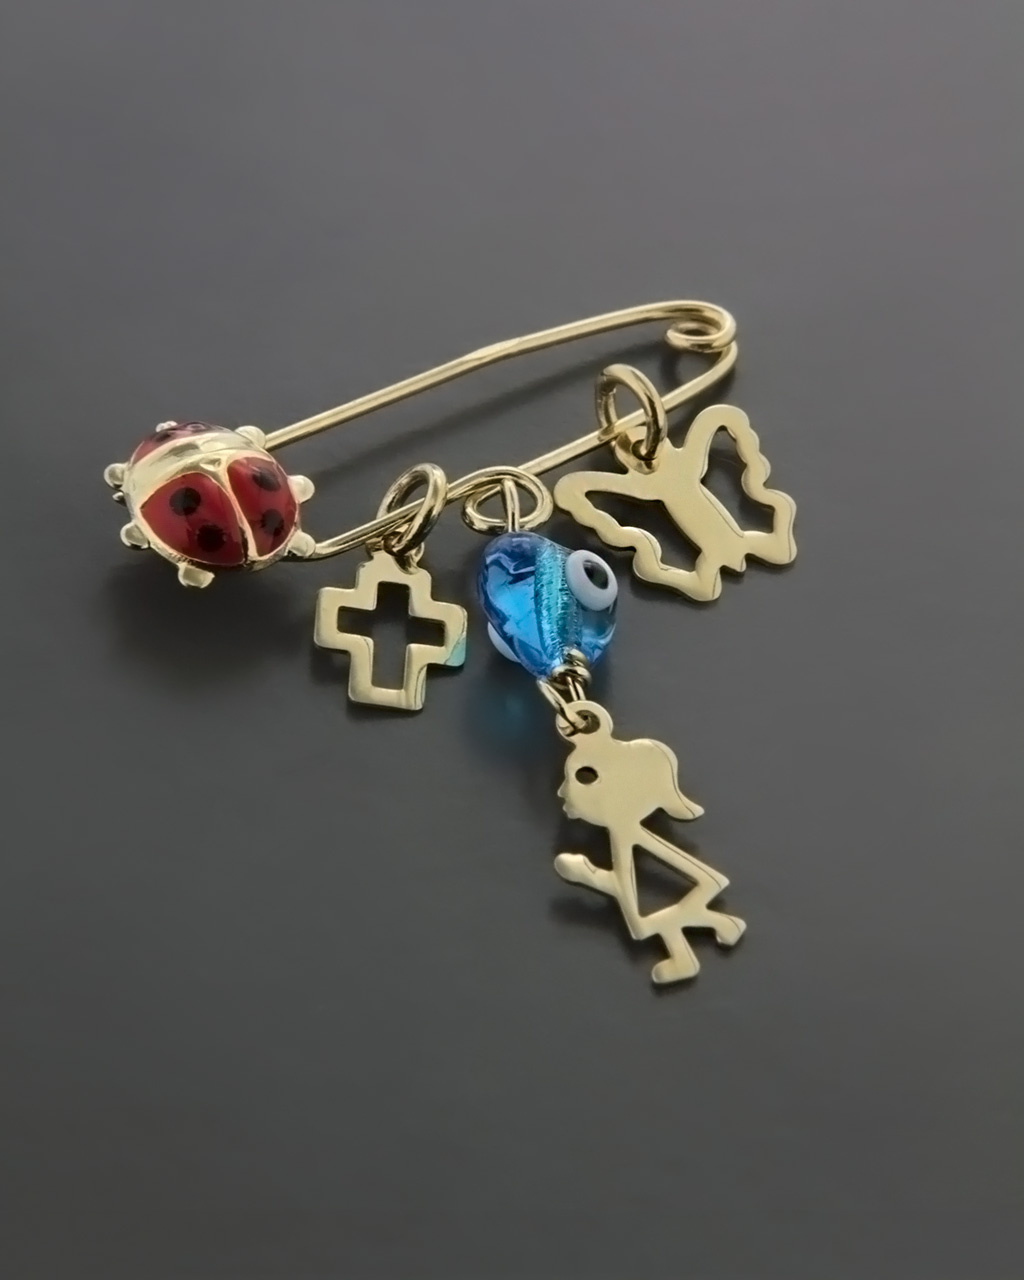 Φυλαχτό παιδικό χρυσό Κ9 με Σμάλτο   κοσμηματα κρεμαστά κολιέ παιδικά φυλαχτά